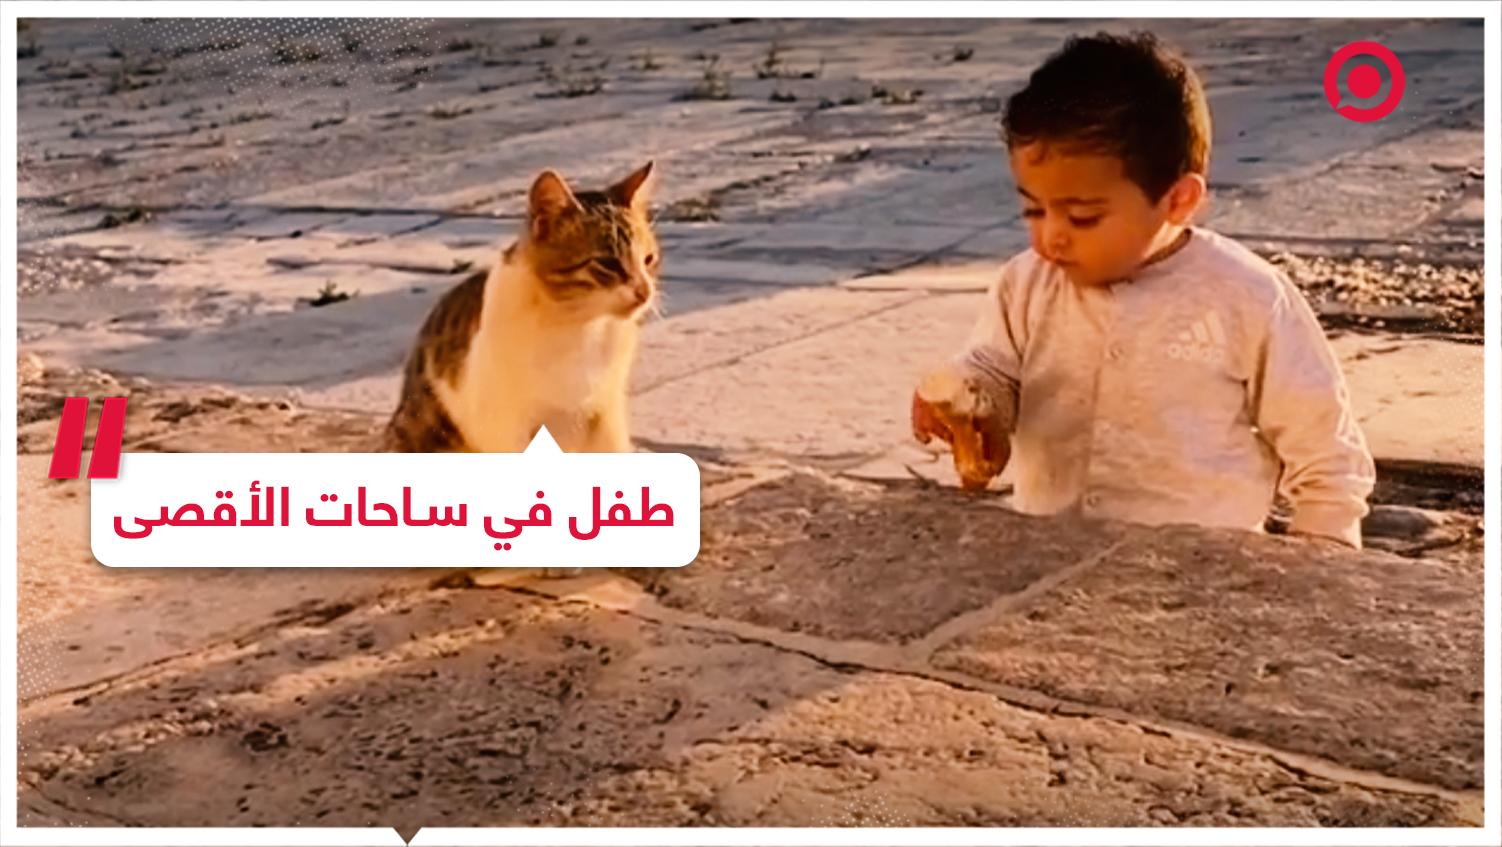 #المسجد_الأقصى #قطة #طفل #فلسطين